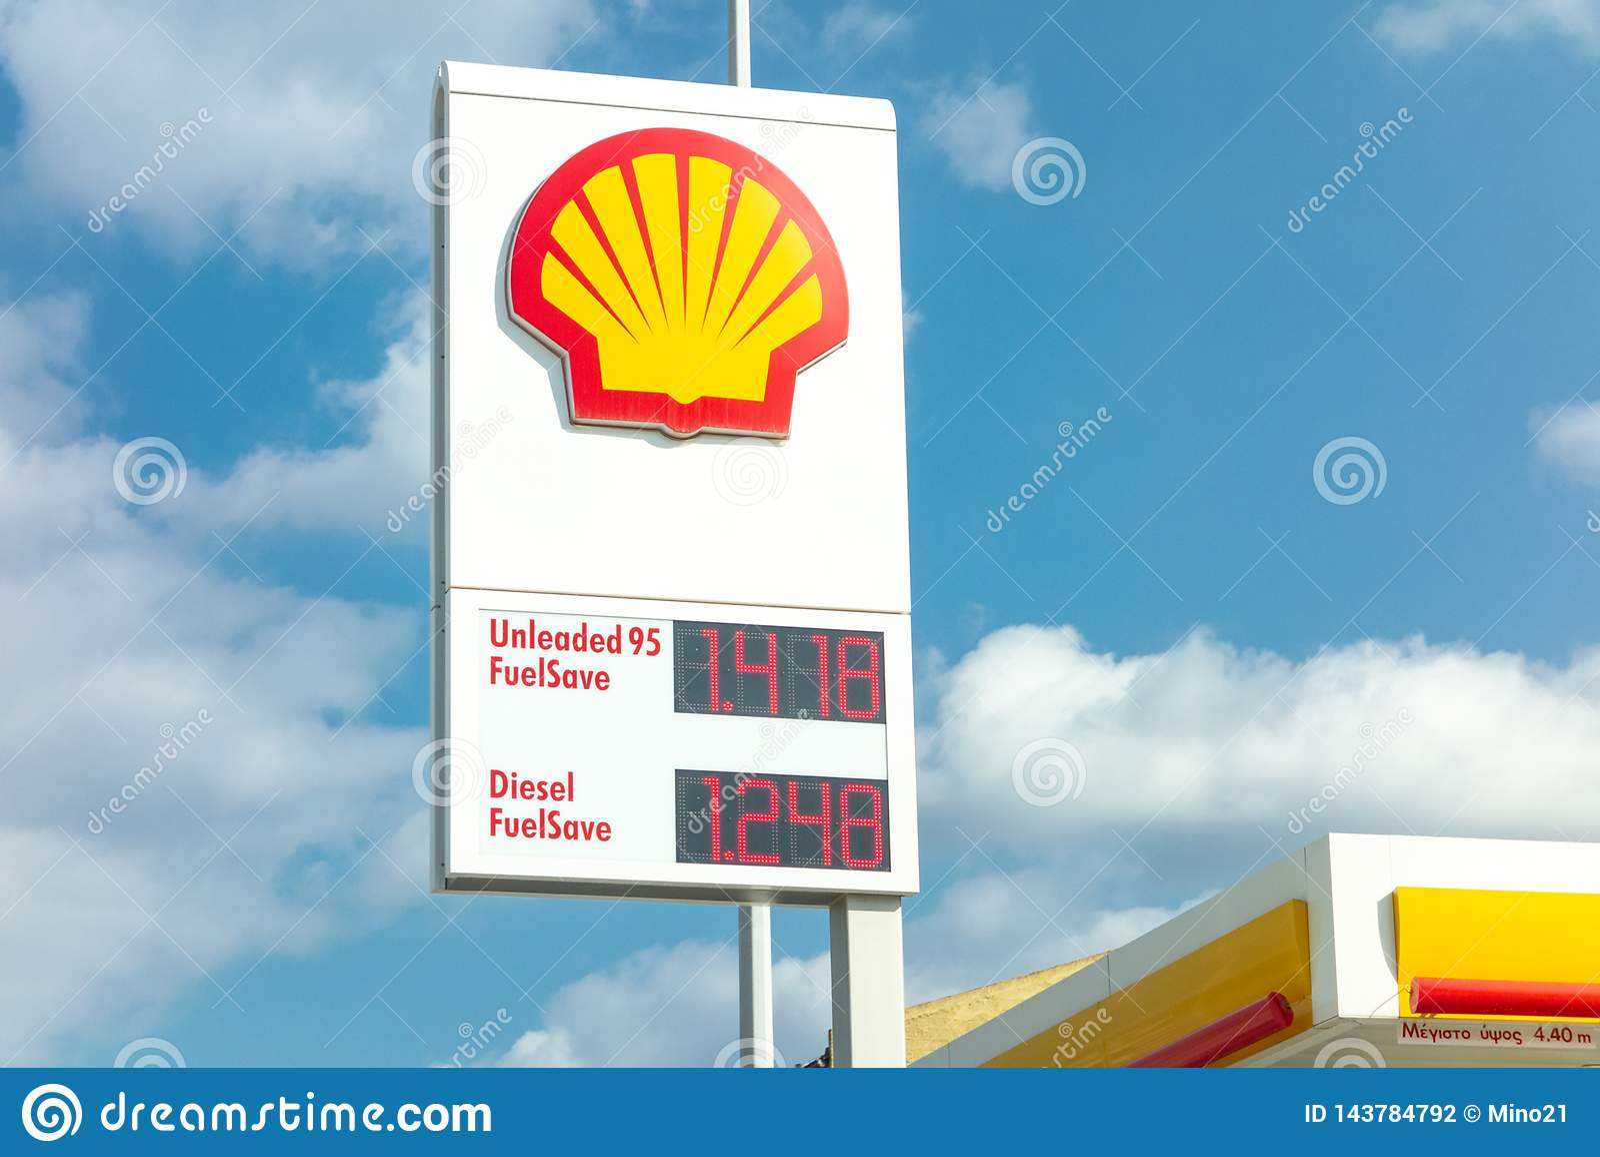 Bandeira do posto de gasolina de Shell com os andfuels de um logotipo da empresa fornecidos com seus preços